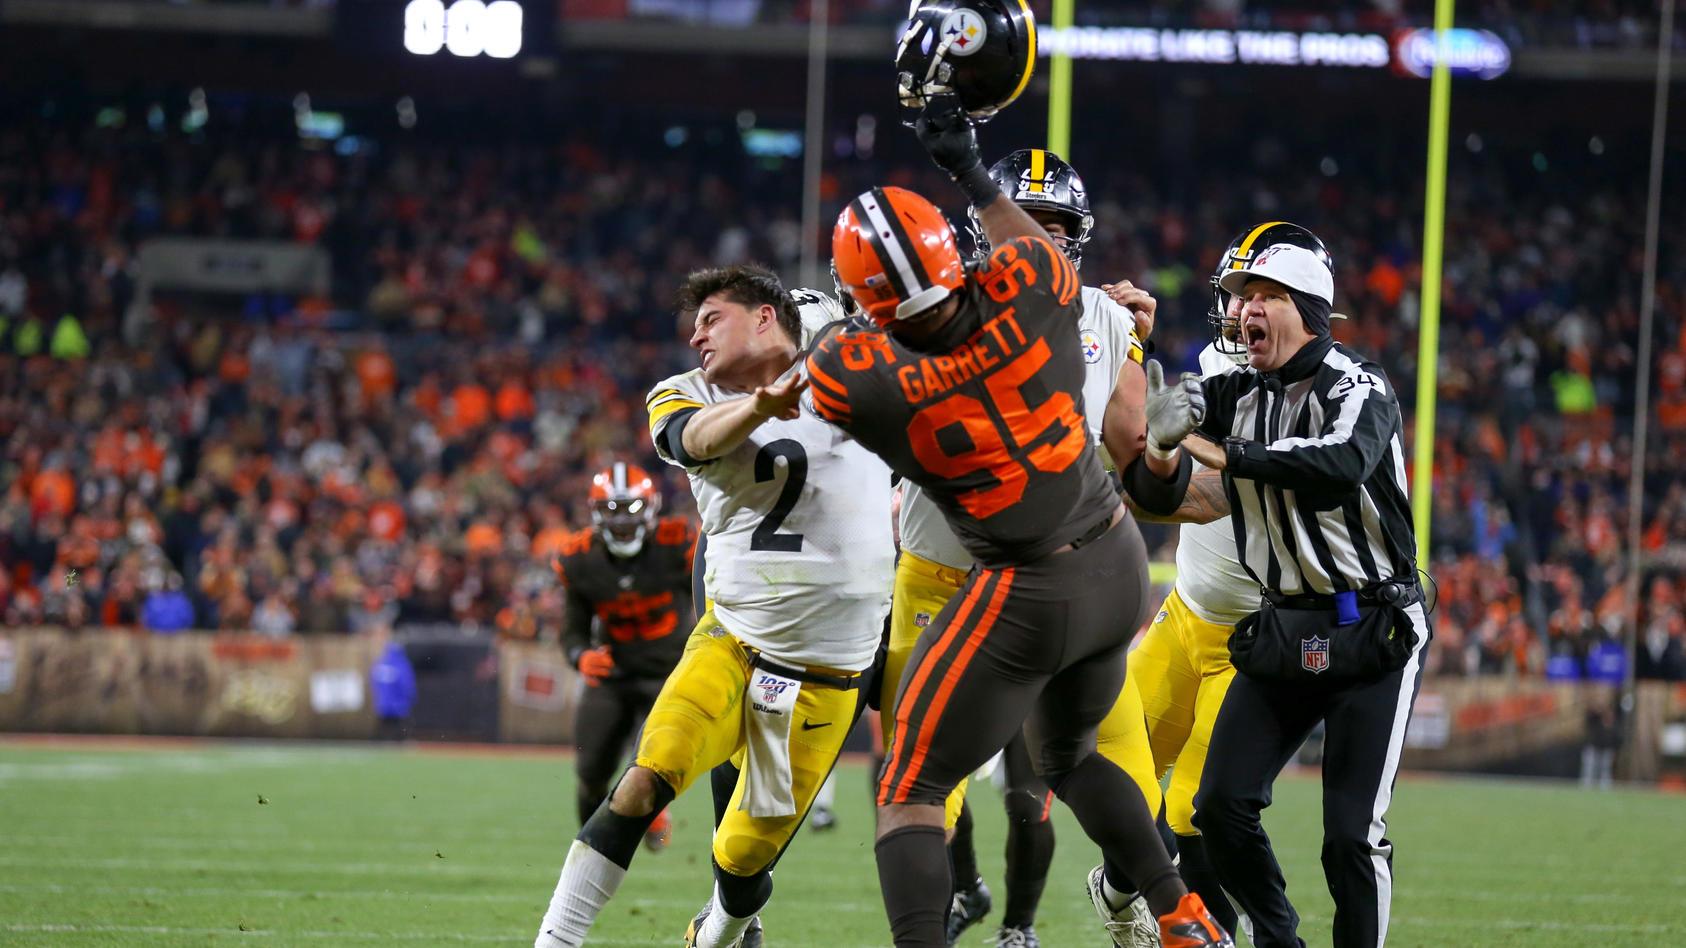 Sport Bilder des Tages CLEVELAND, OH - NOVEMBER 14: Cleveland Browns defensive end Myles Garrett (95) swings at Pittsbur